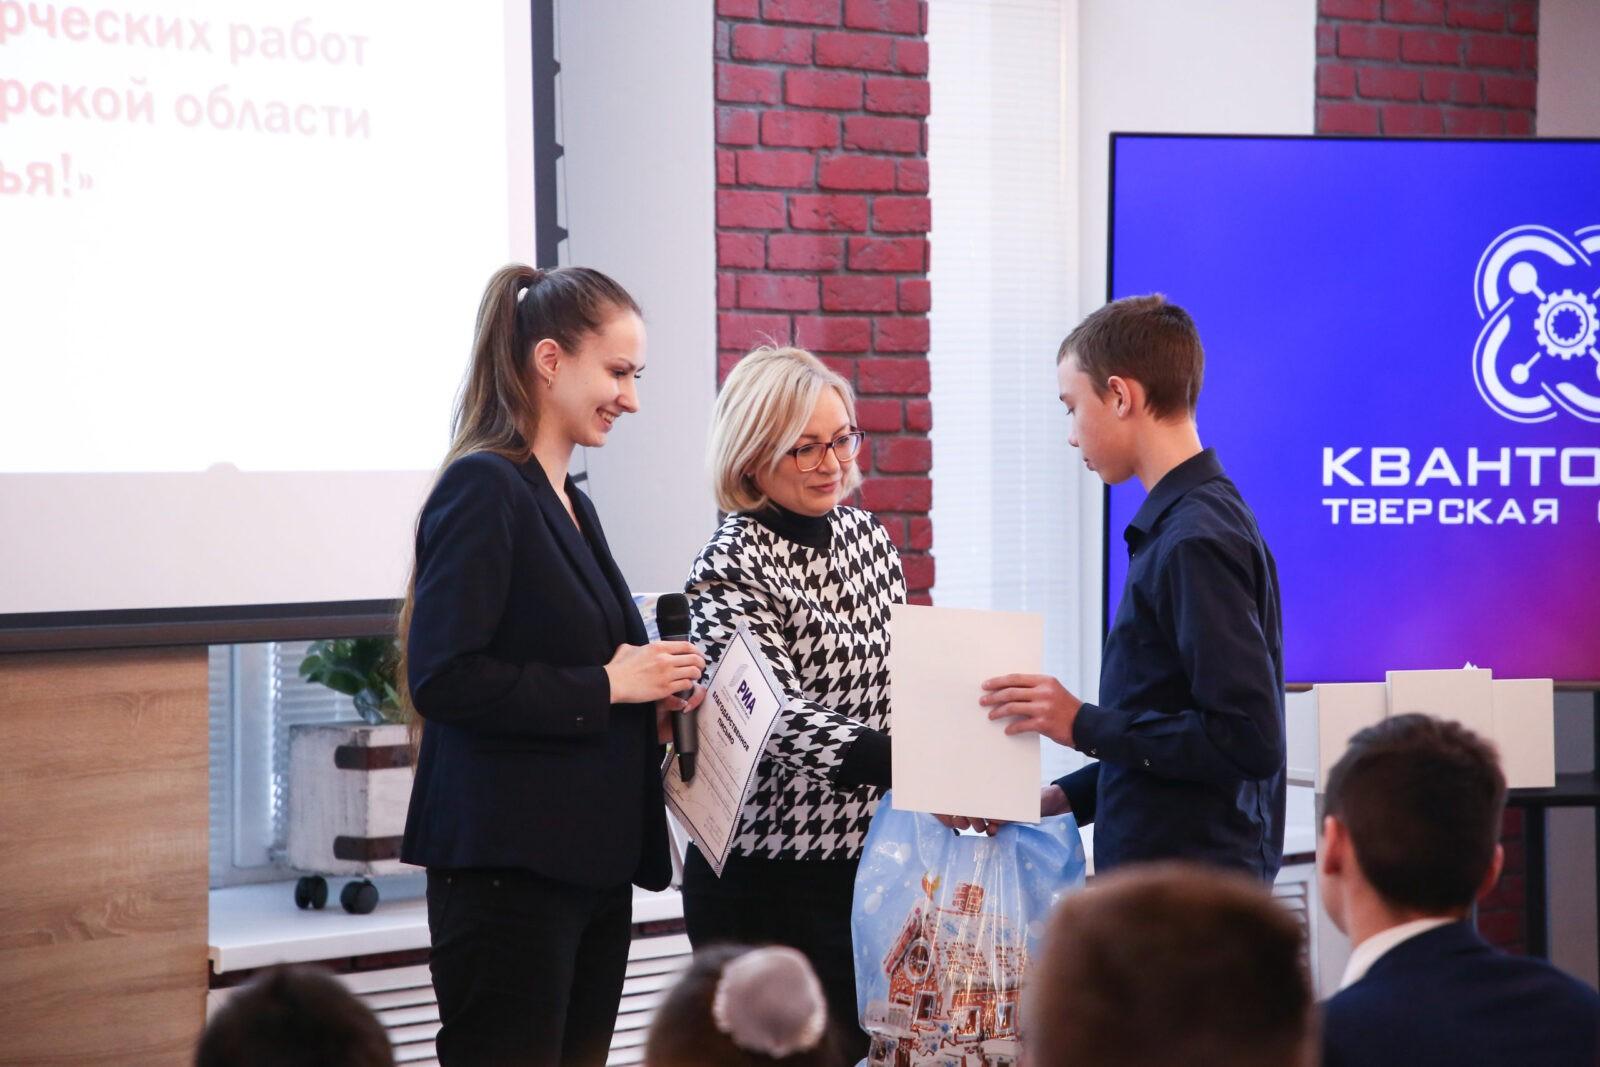 В тверском «Кванториуме» наградили победителей конкурса творческих работ